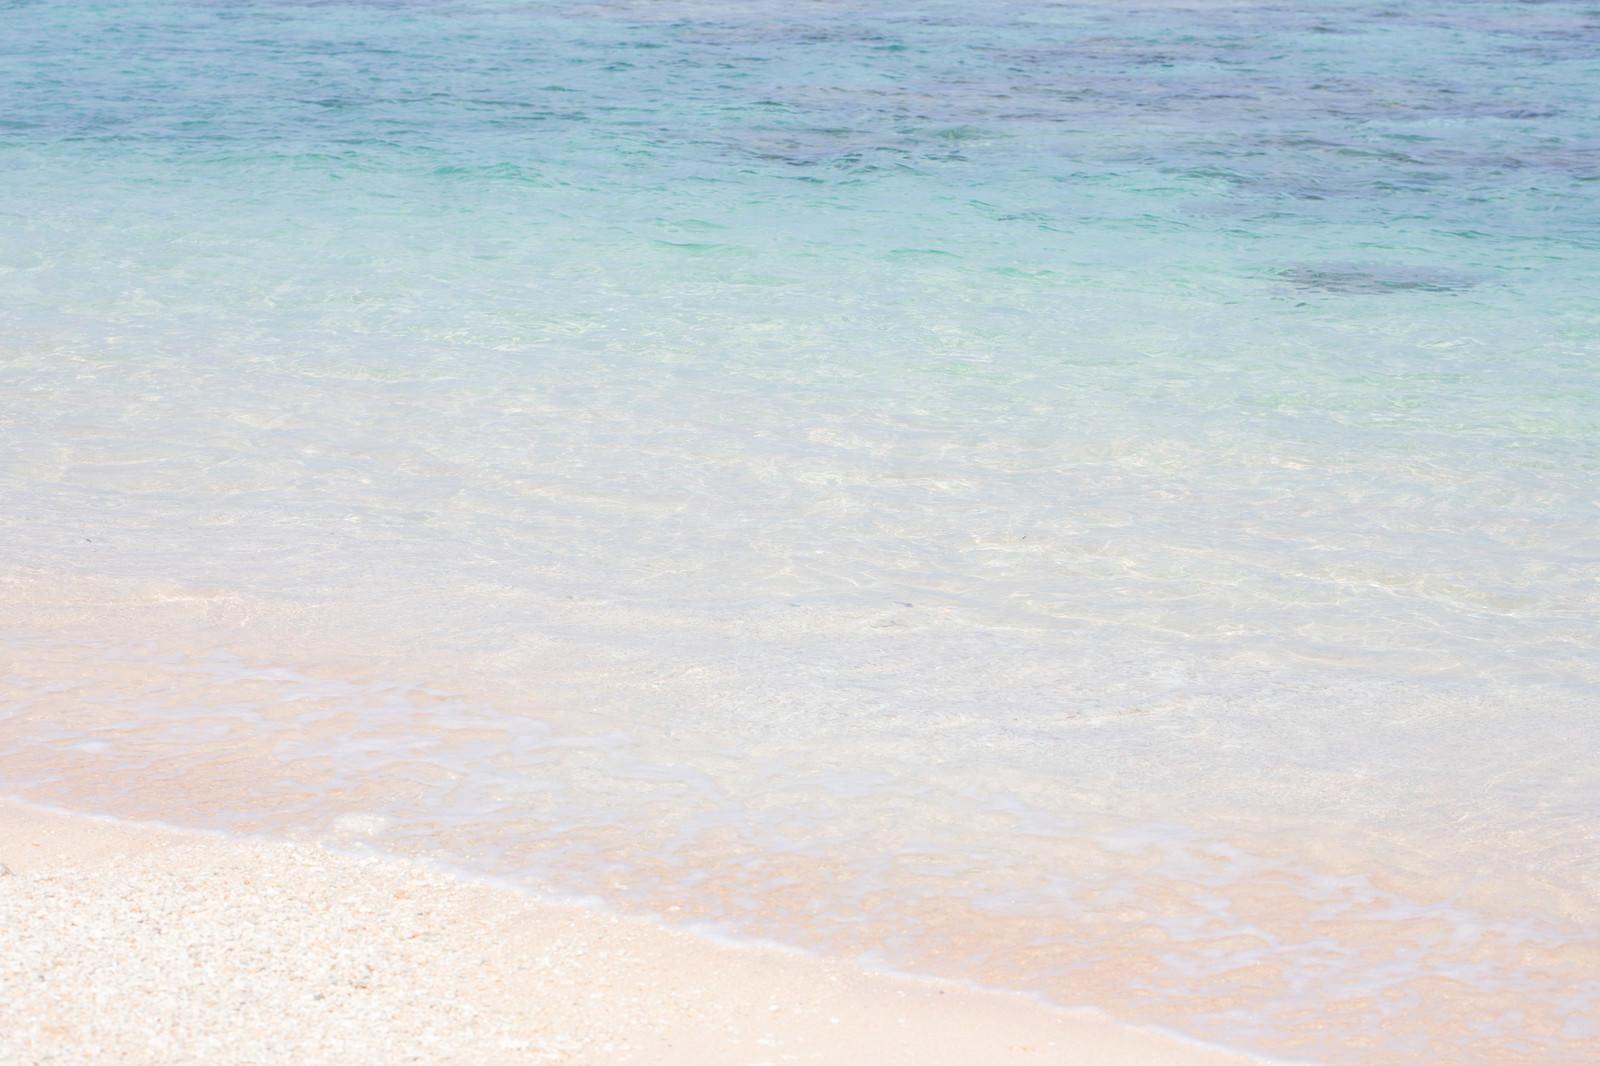 「透き通る海と波打ち際透き通る海と波打ち際」のフリー写真素材を拡大